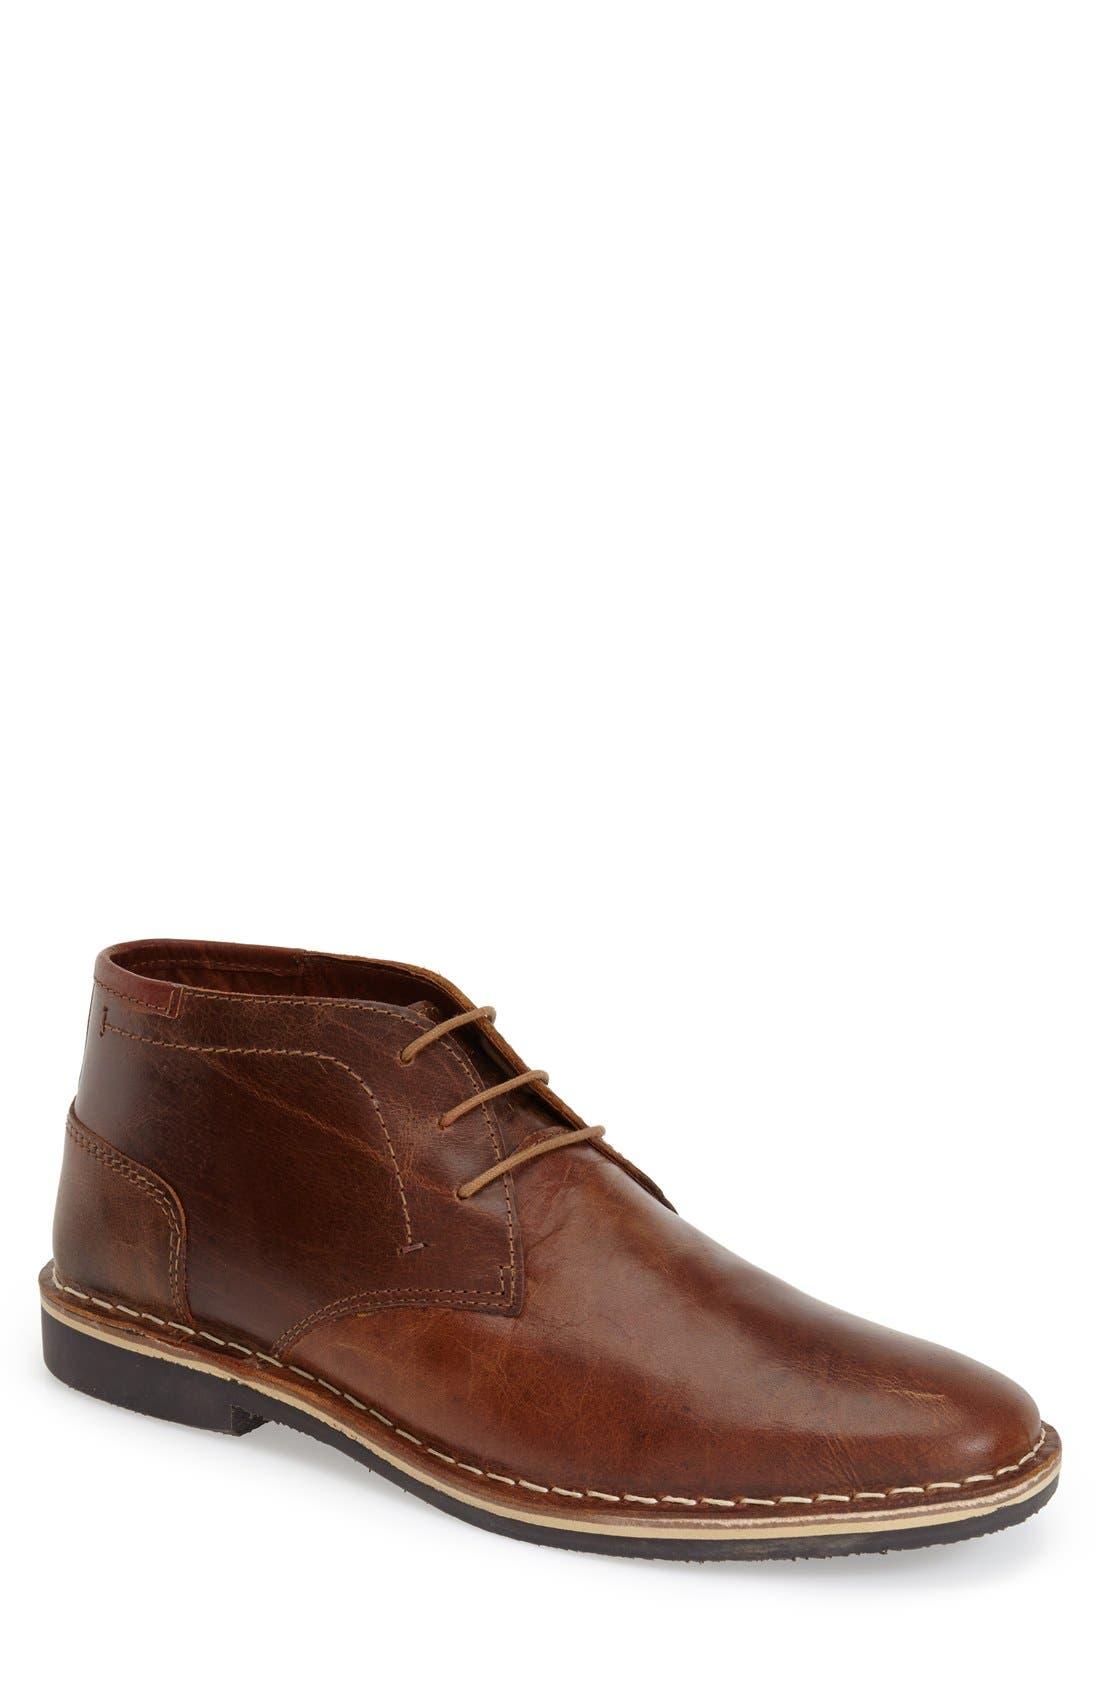 Steve Madden 'Harken' Leather Chukka Boot (Men) | Nordstrom